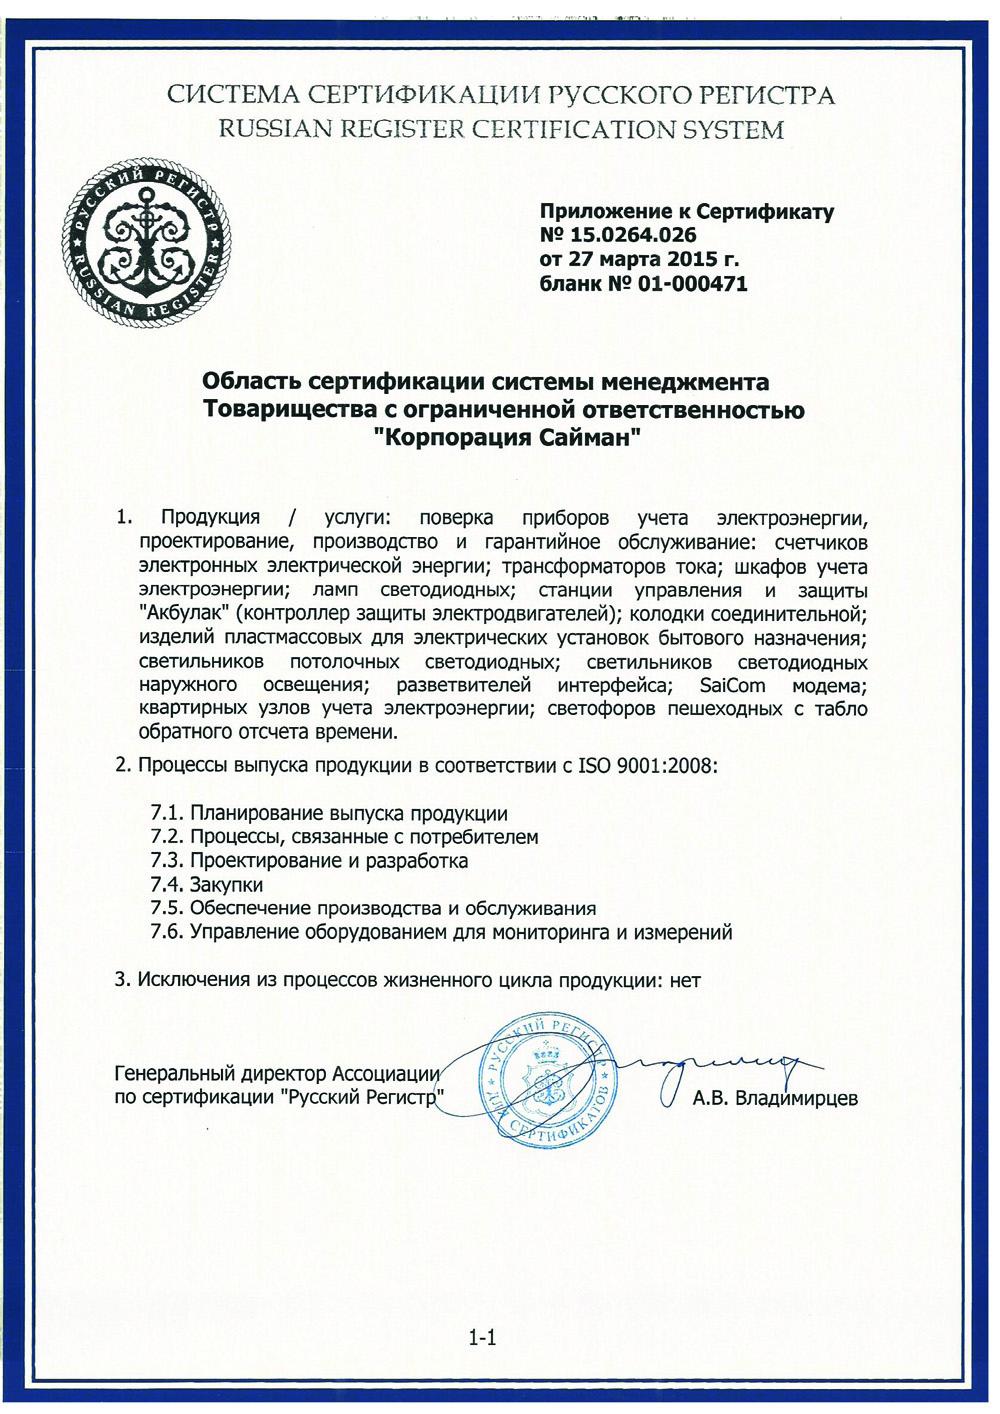 Закупки сертификация электрической энергии сертификация растительного сырья дл